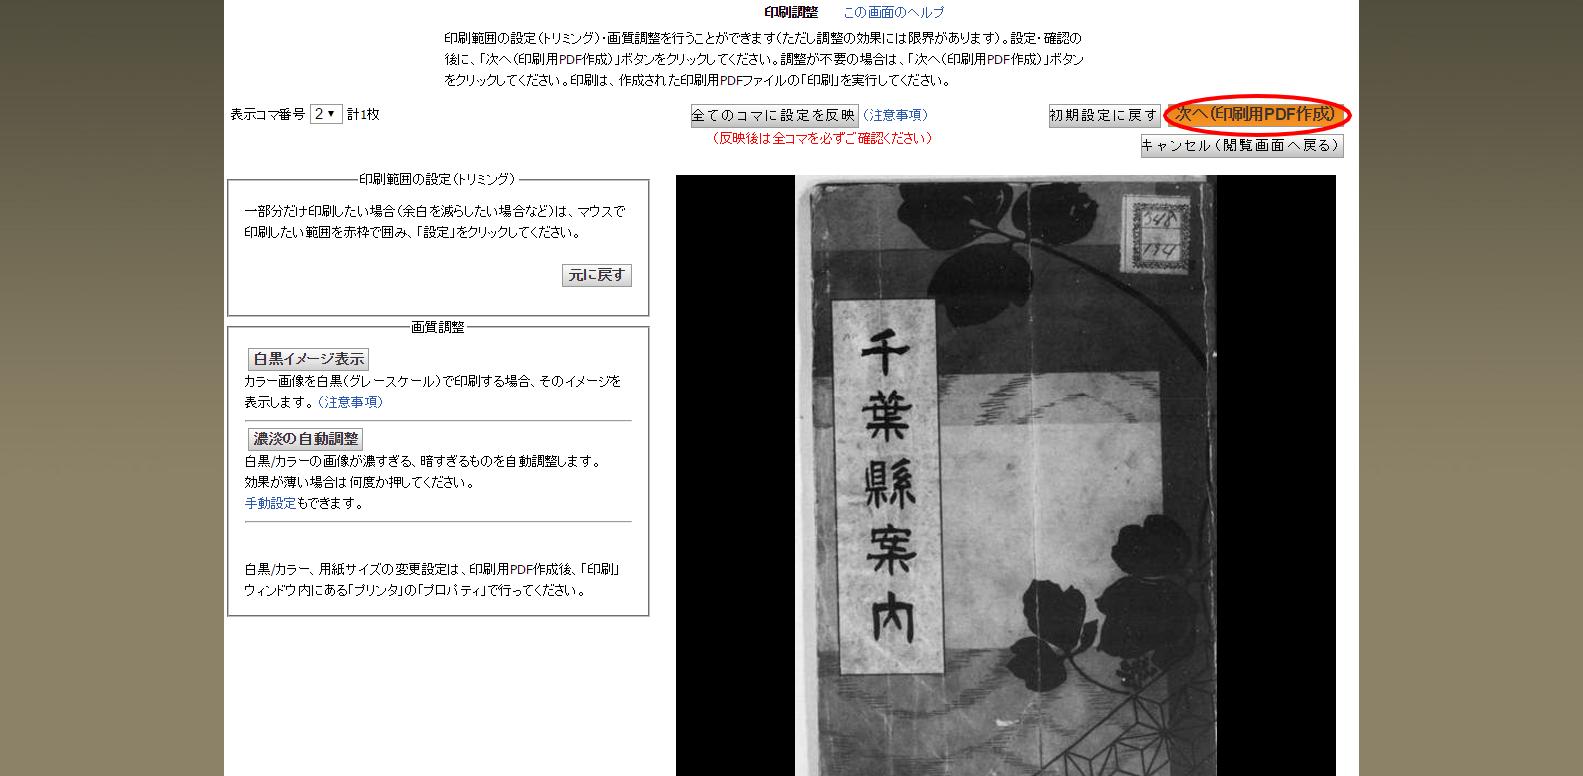 国立国会図書館デジタルコレクション   印刷調整画面_印刷用PDF作成.png